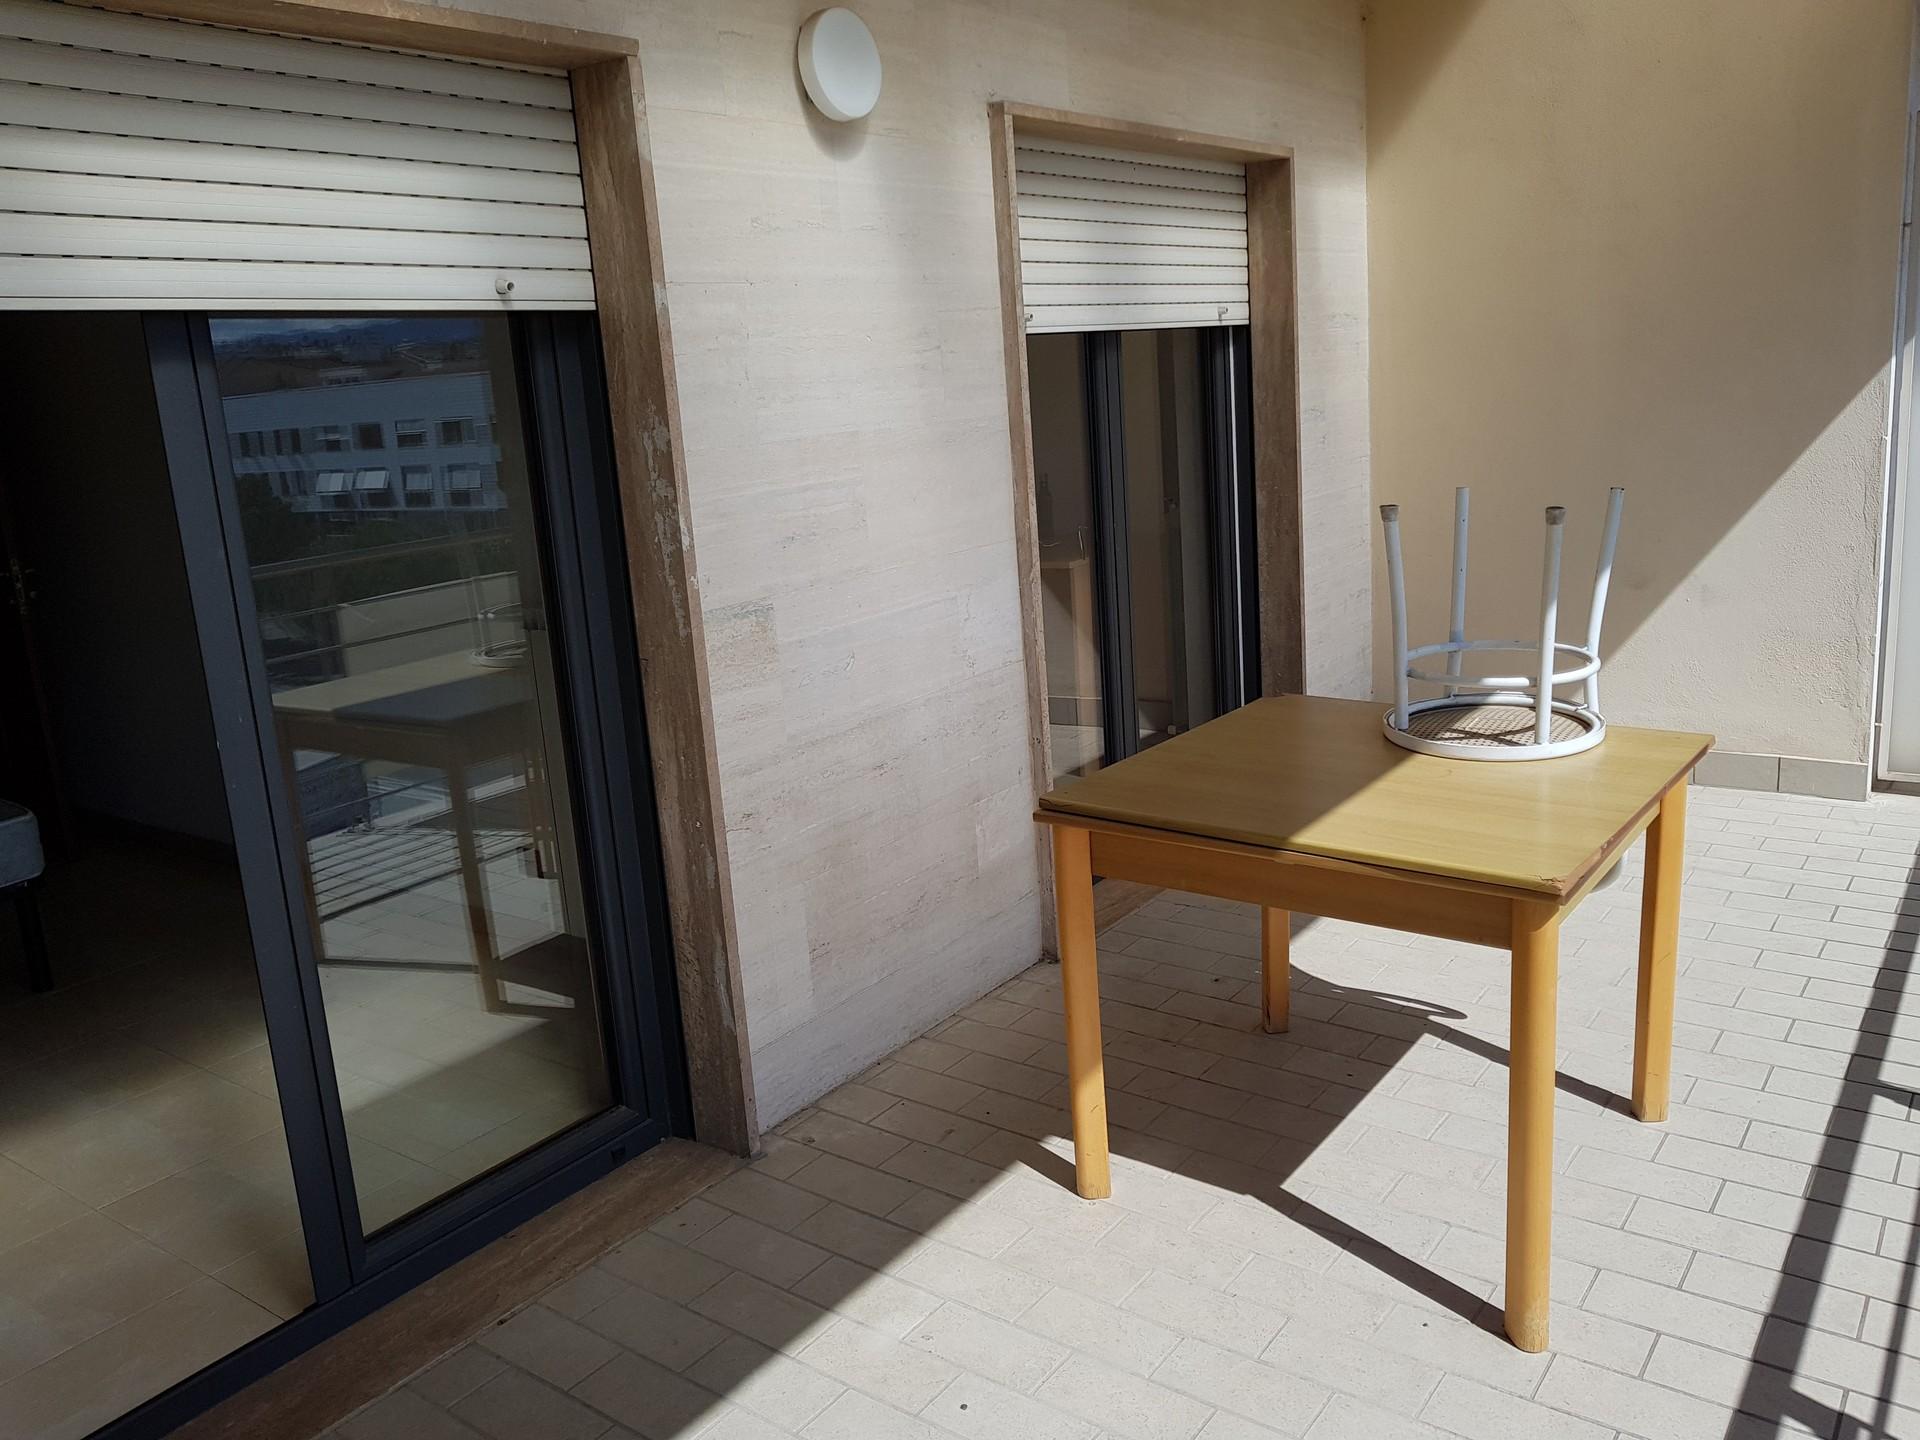 cuarto-piso-quattromiglia-83a73433ae7b7a9401fd6d7647df80a2